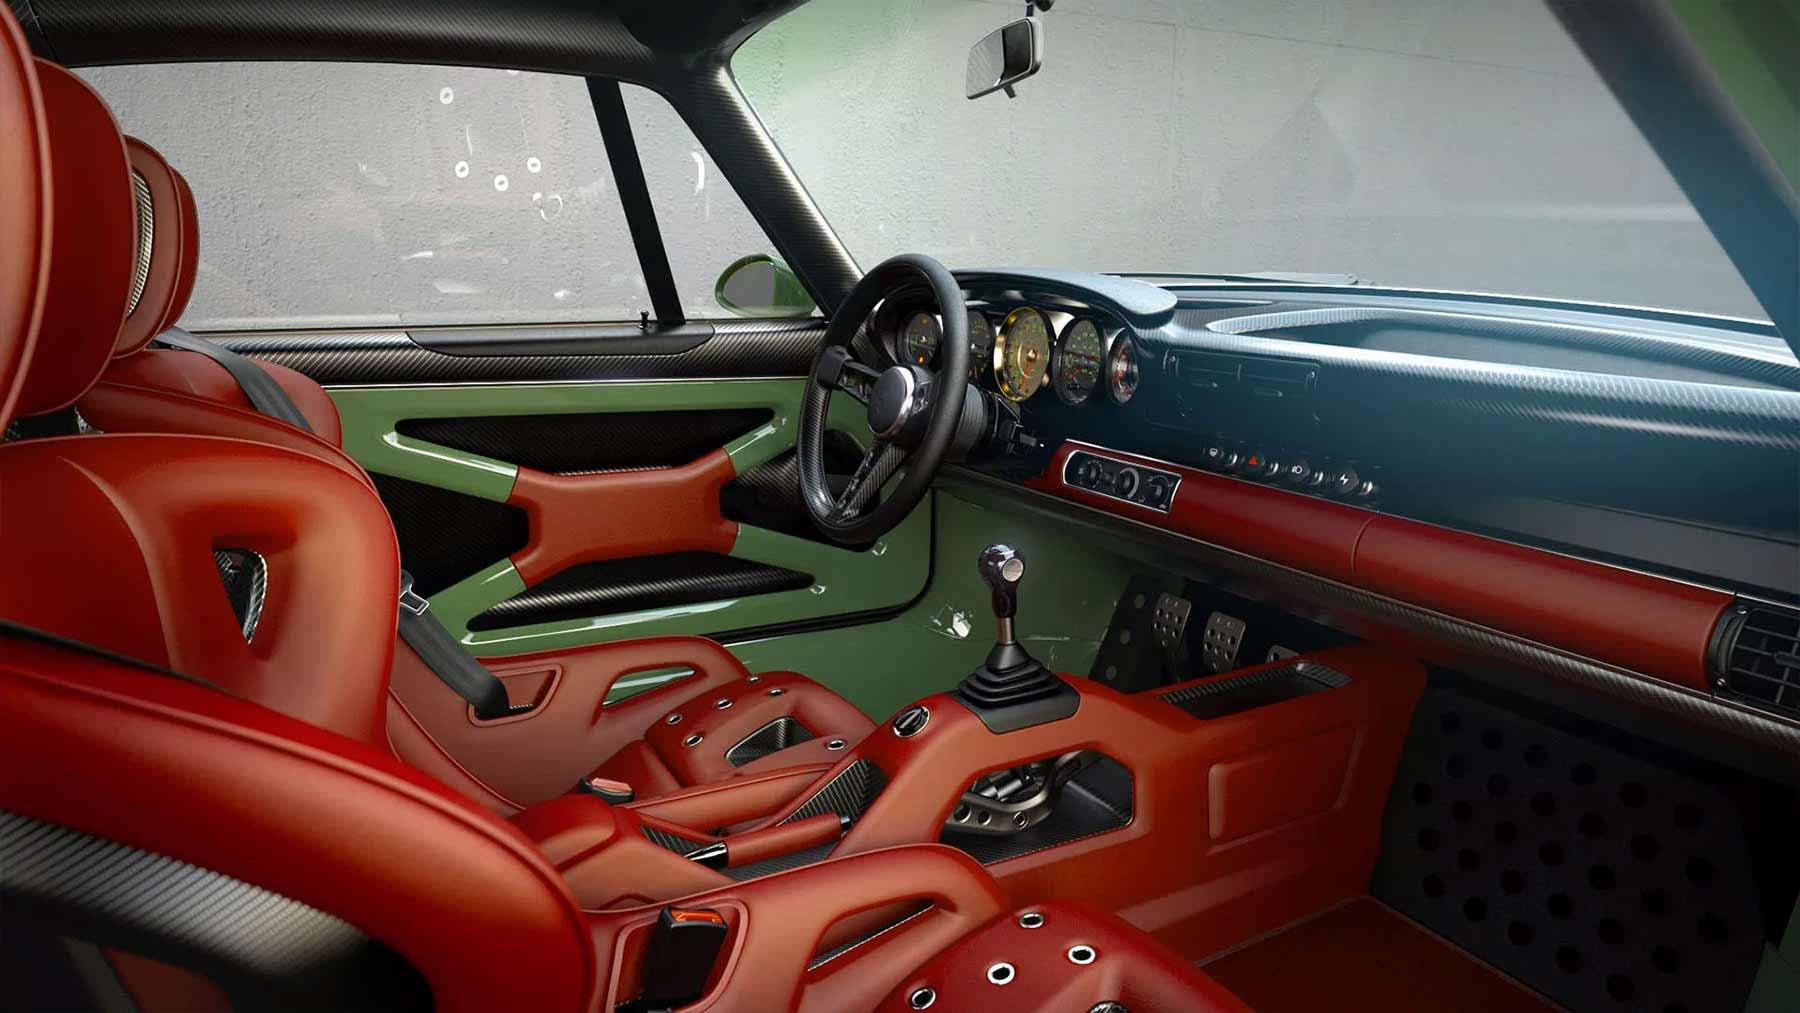 Singer Porsche 964 DLS Singer-Porsche-964-DLS_07